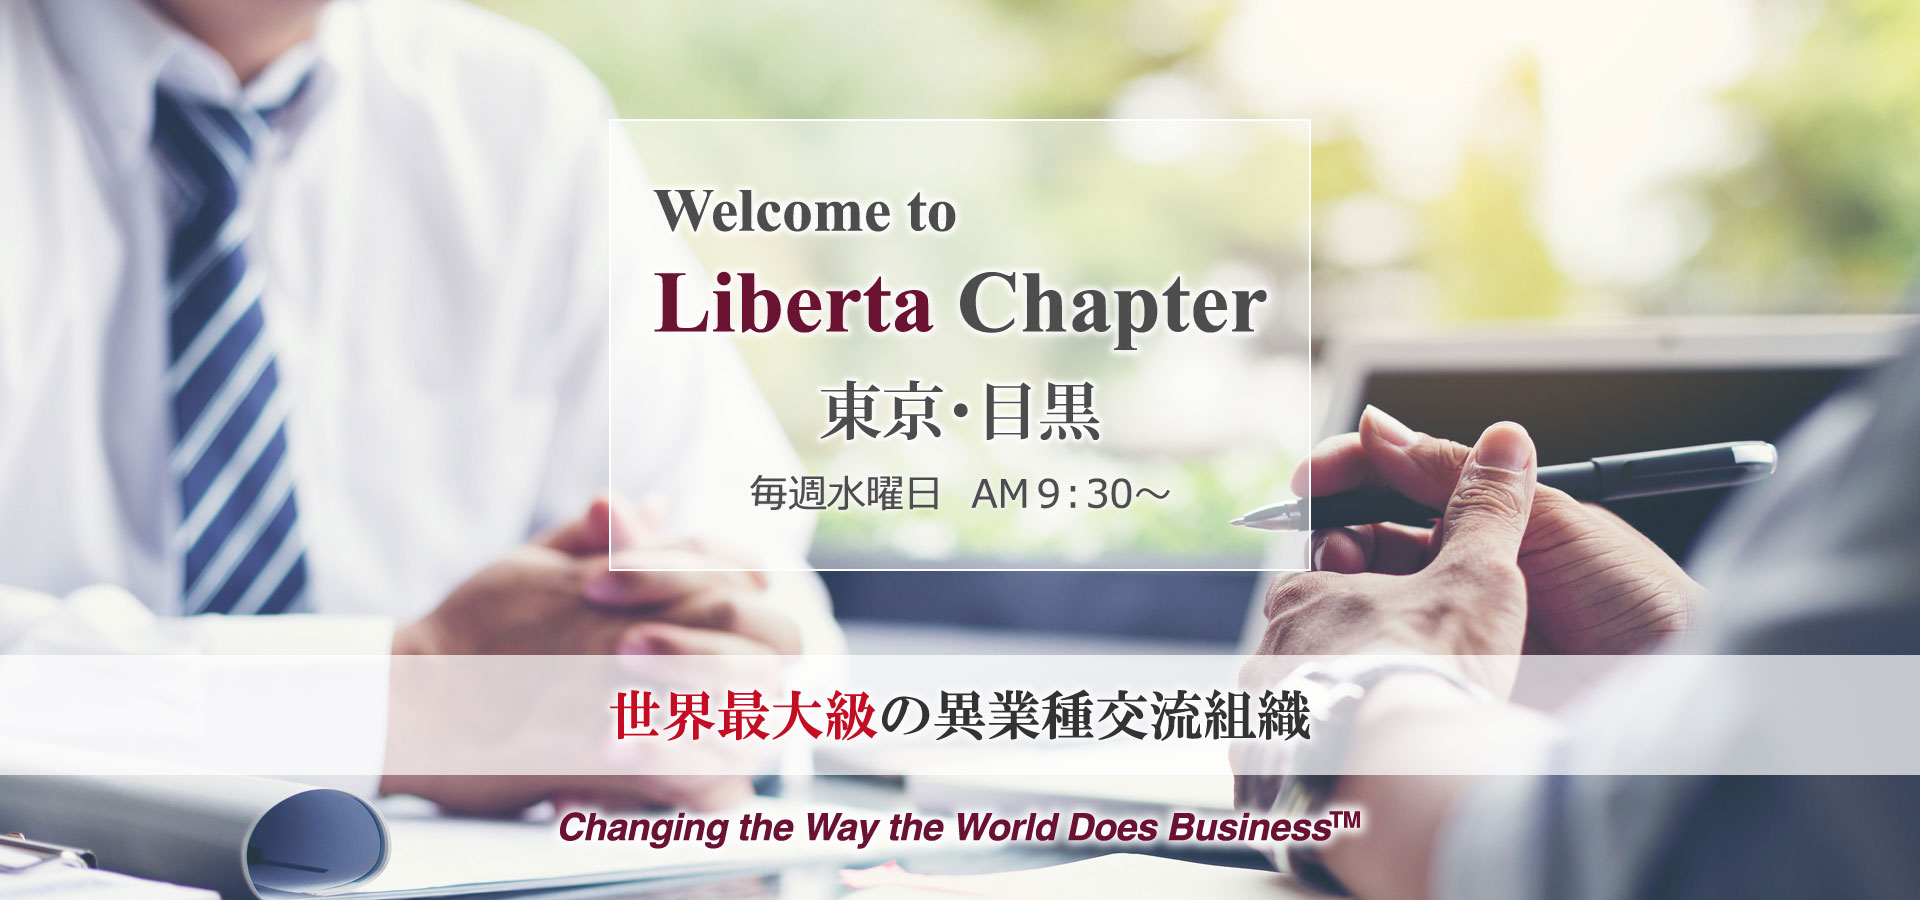 BNI Liberta Chapter